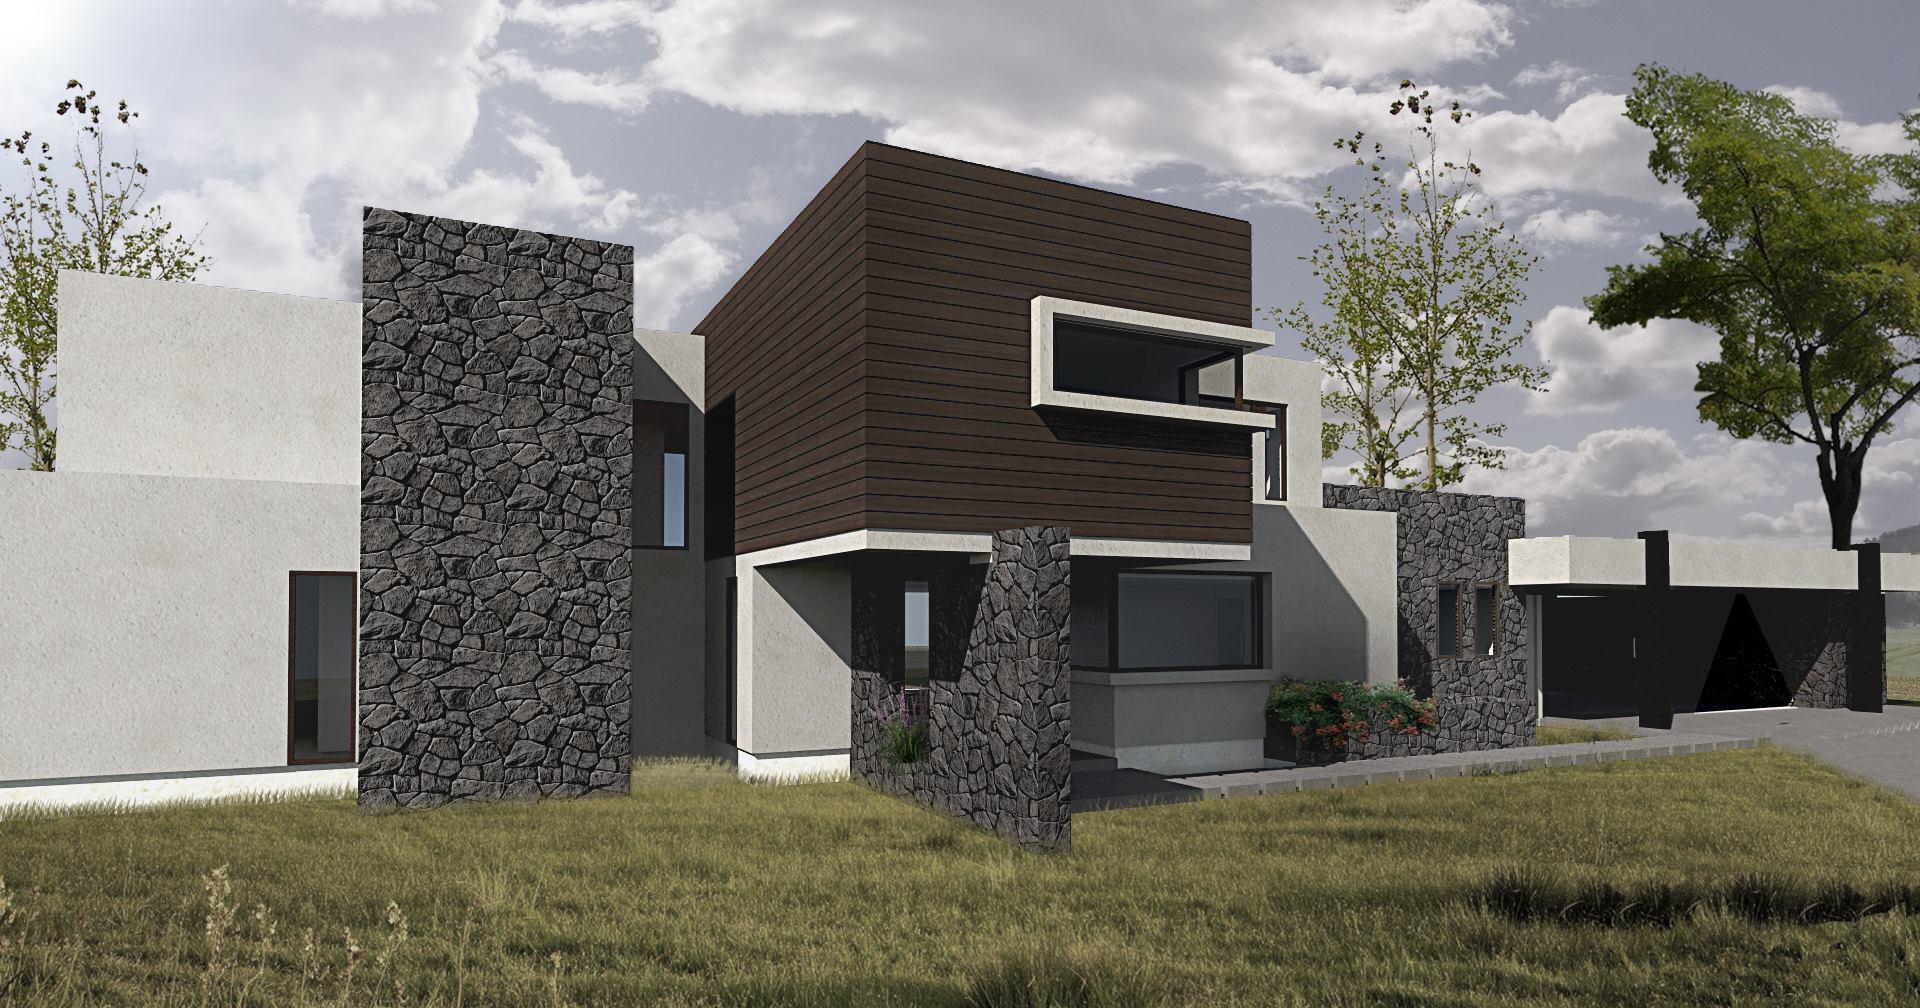 Proyecta Arquitectura y construcción